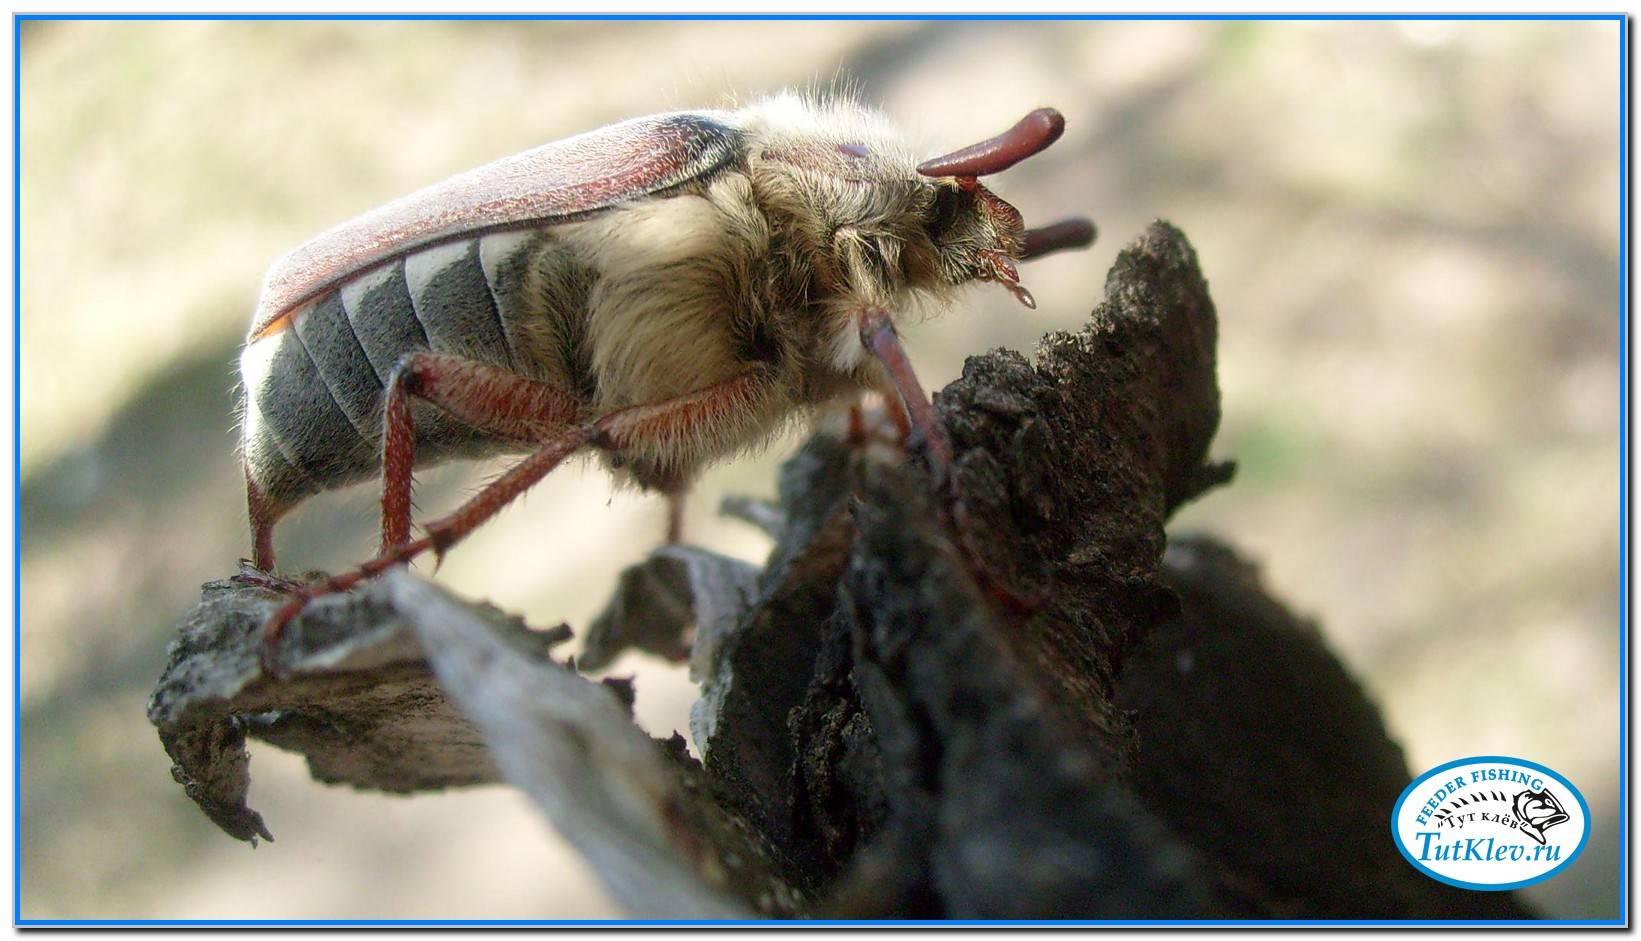 Ловля голавля на майского жука: снасти и эффективная тактика